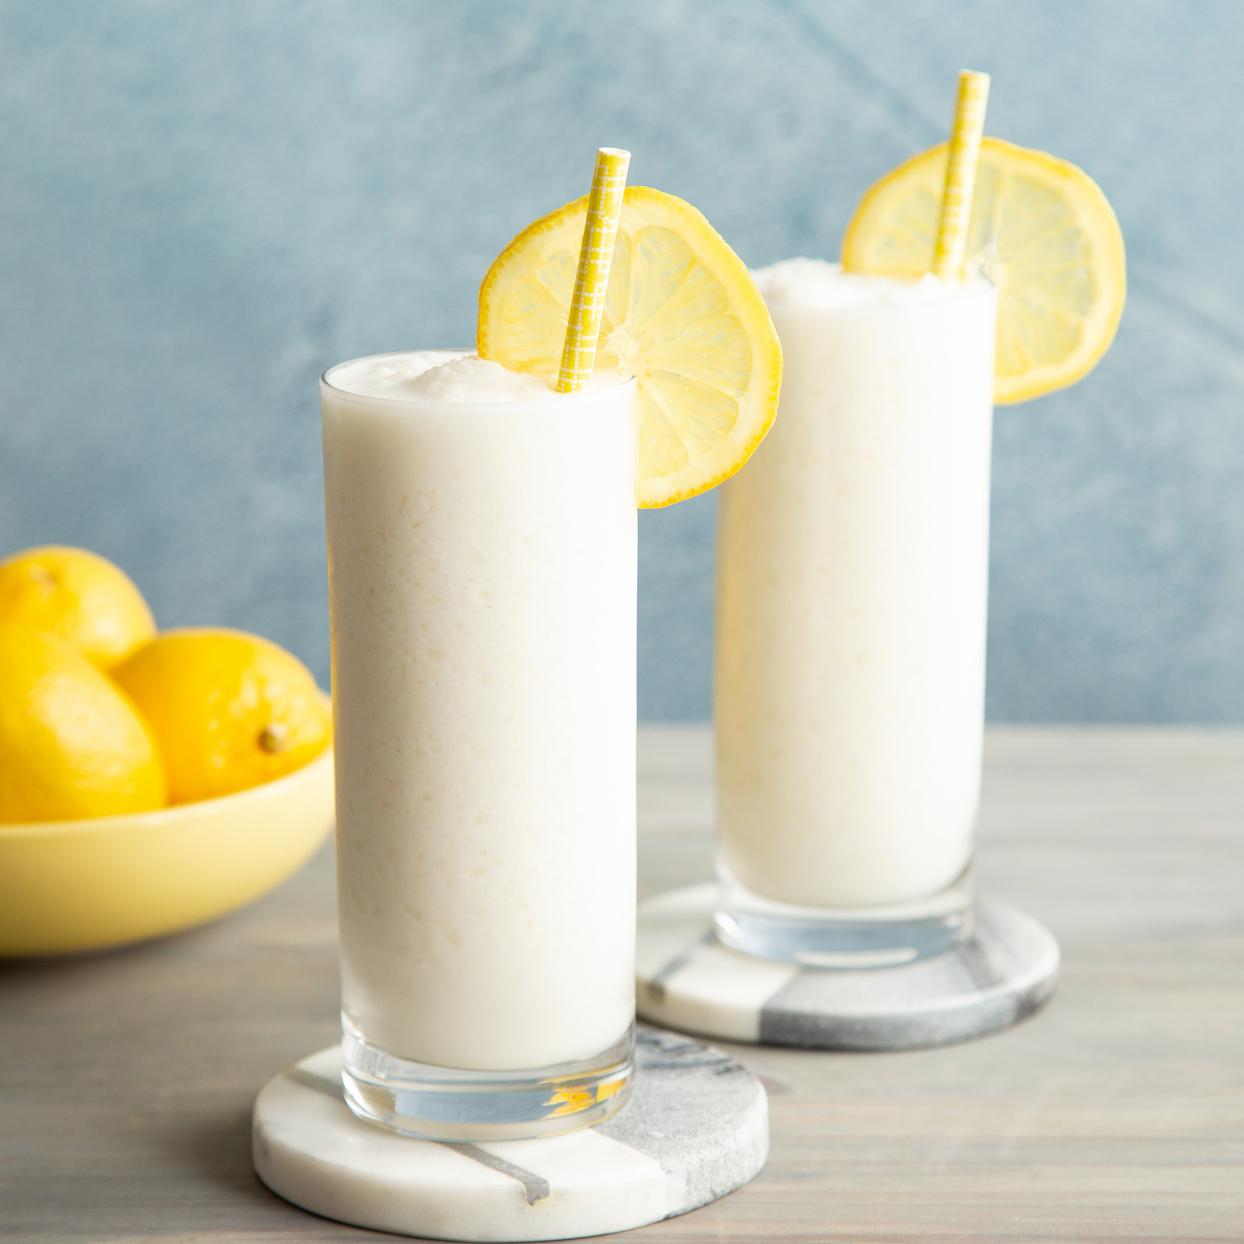 Whipped Frozen Lemonade Trusted Brands